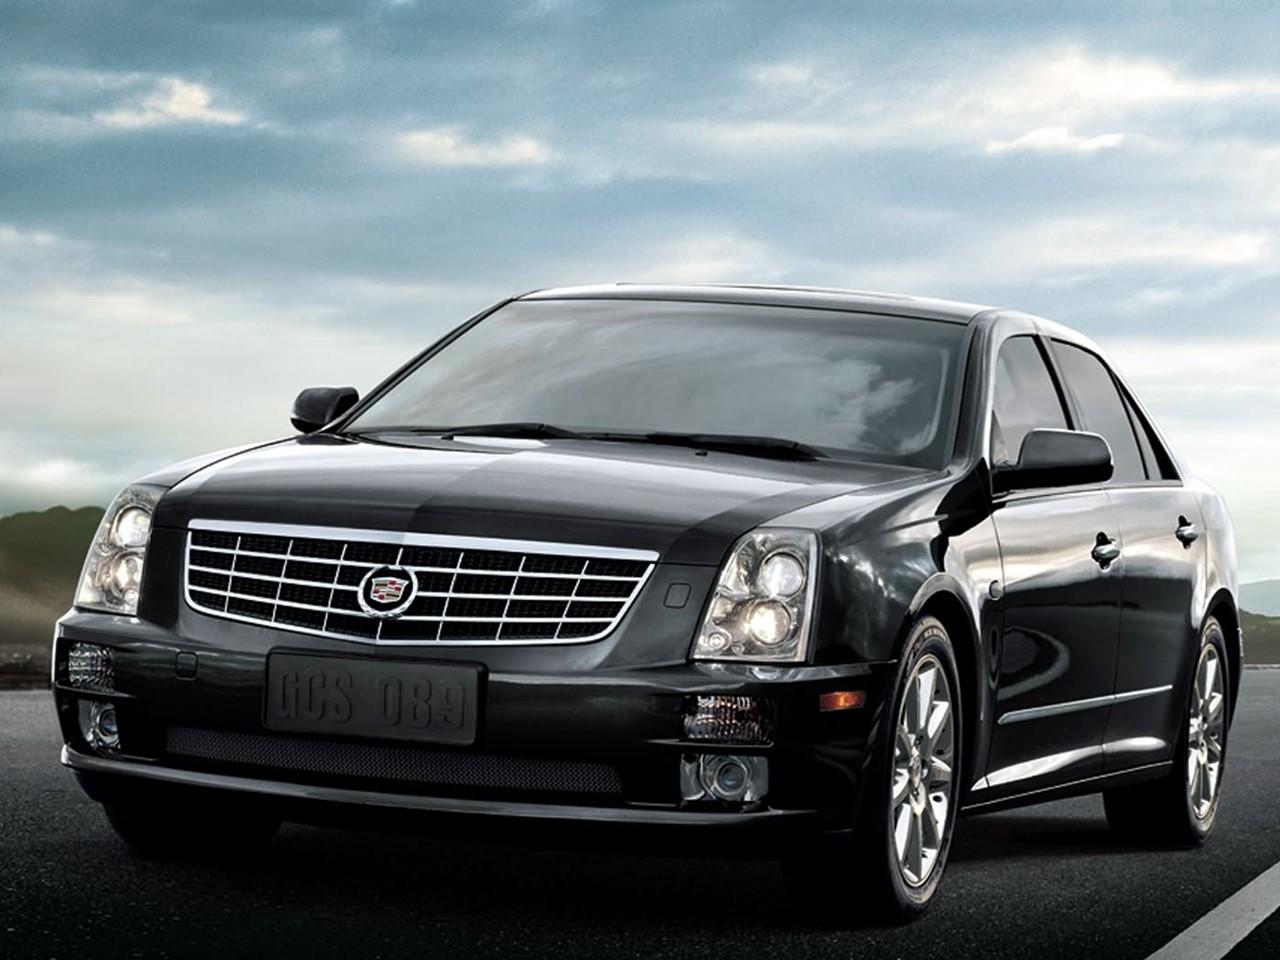 2007 Cadillac Sls Notoriousluxury